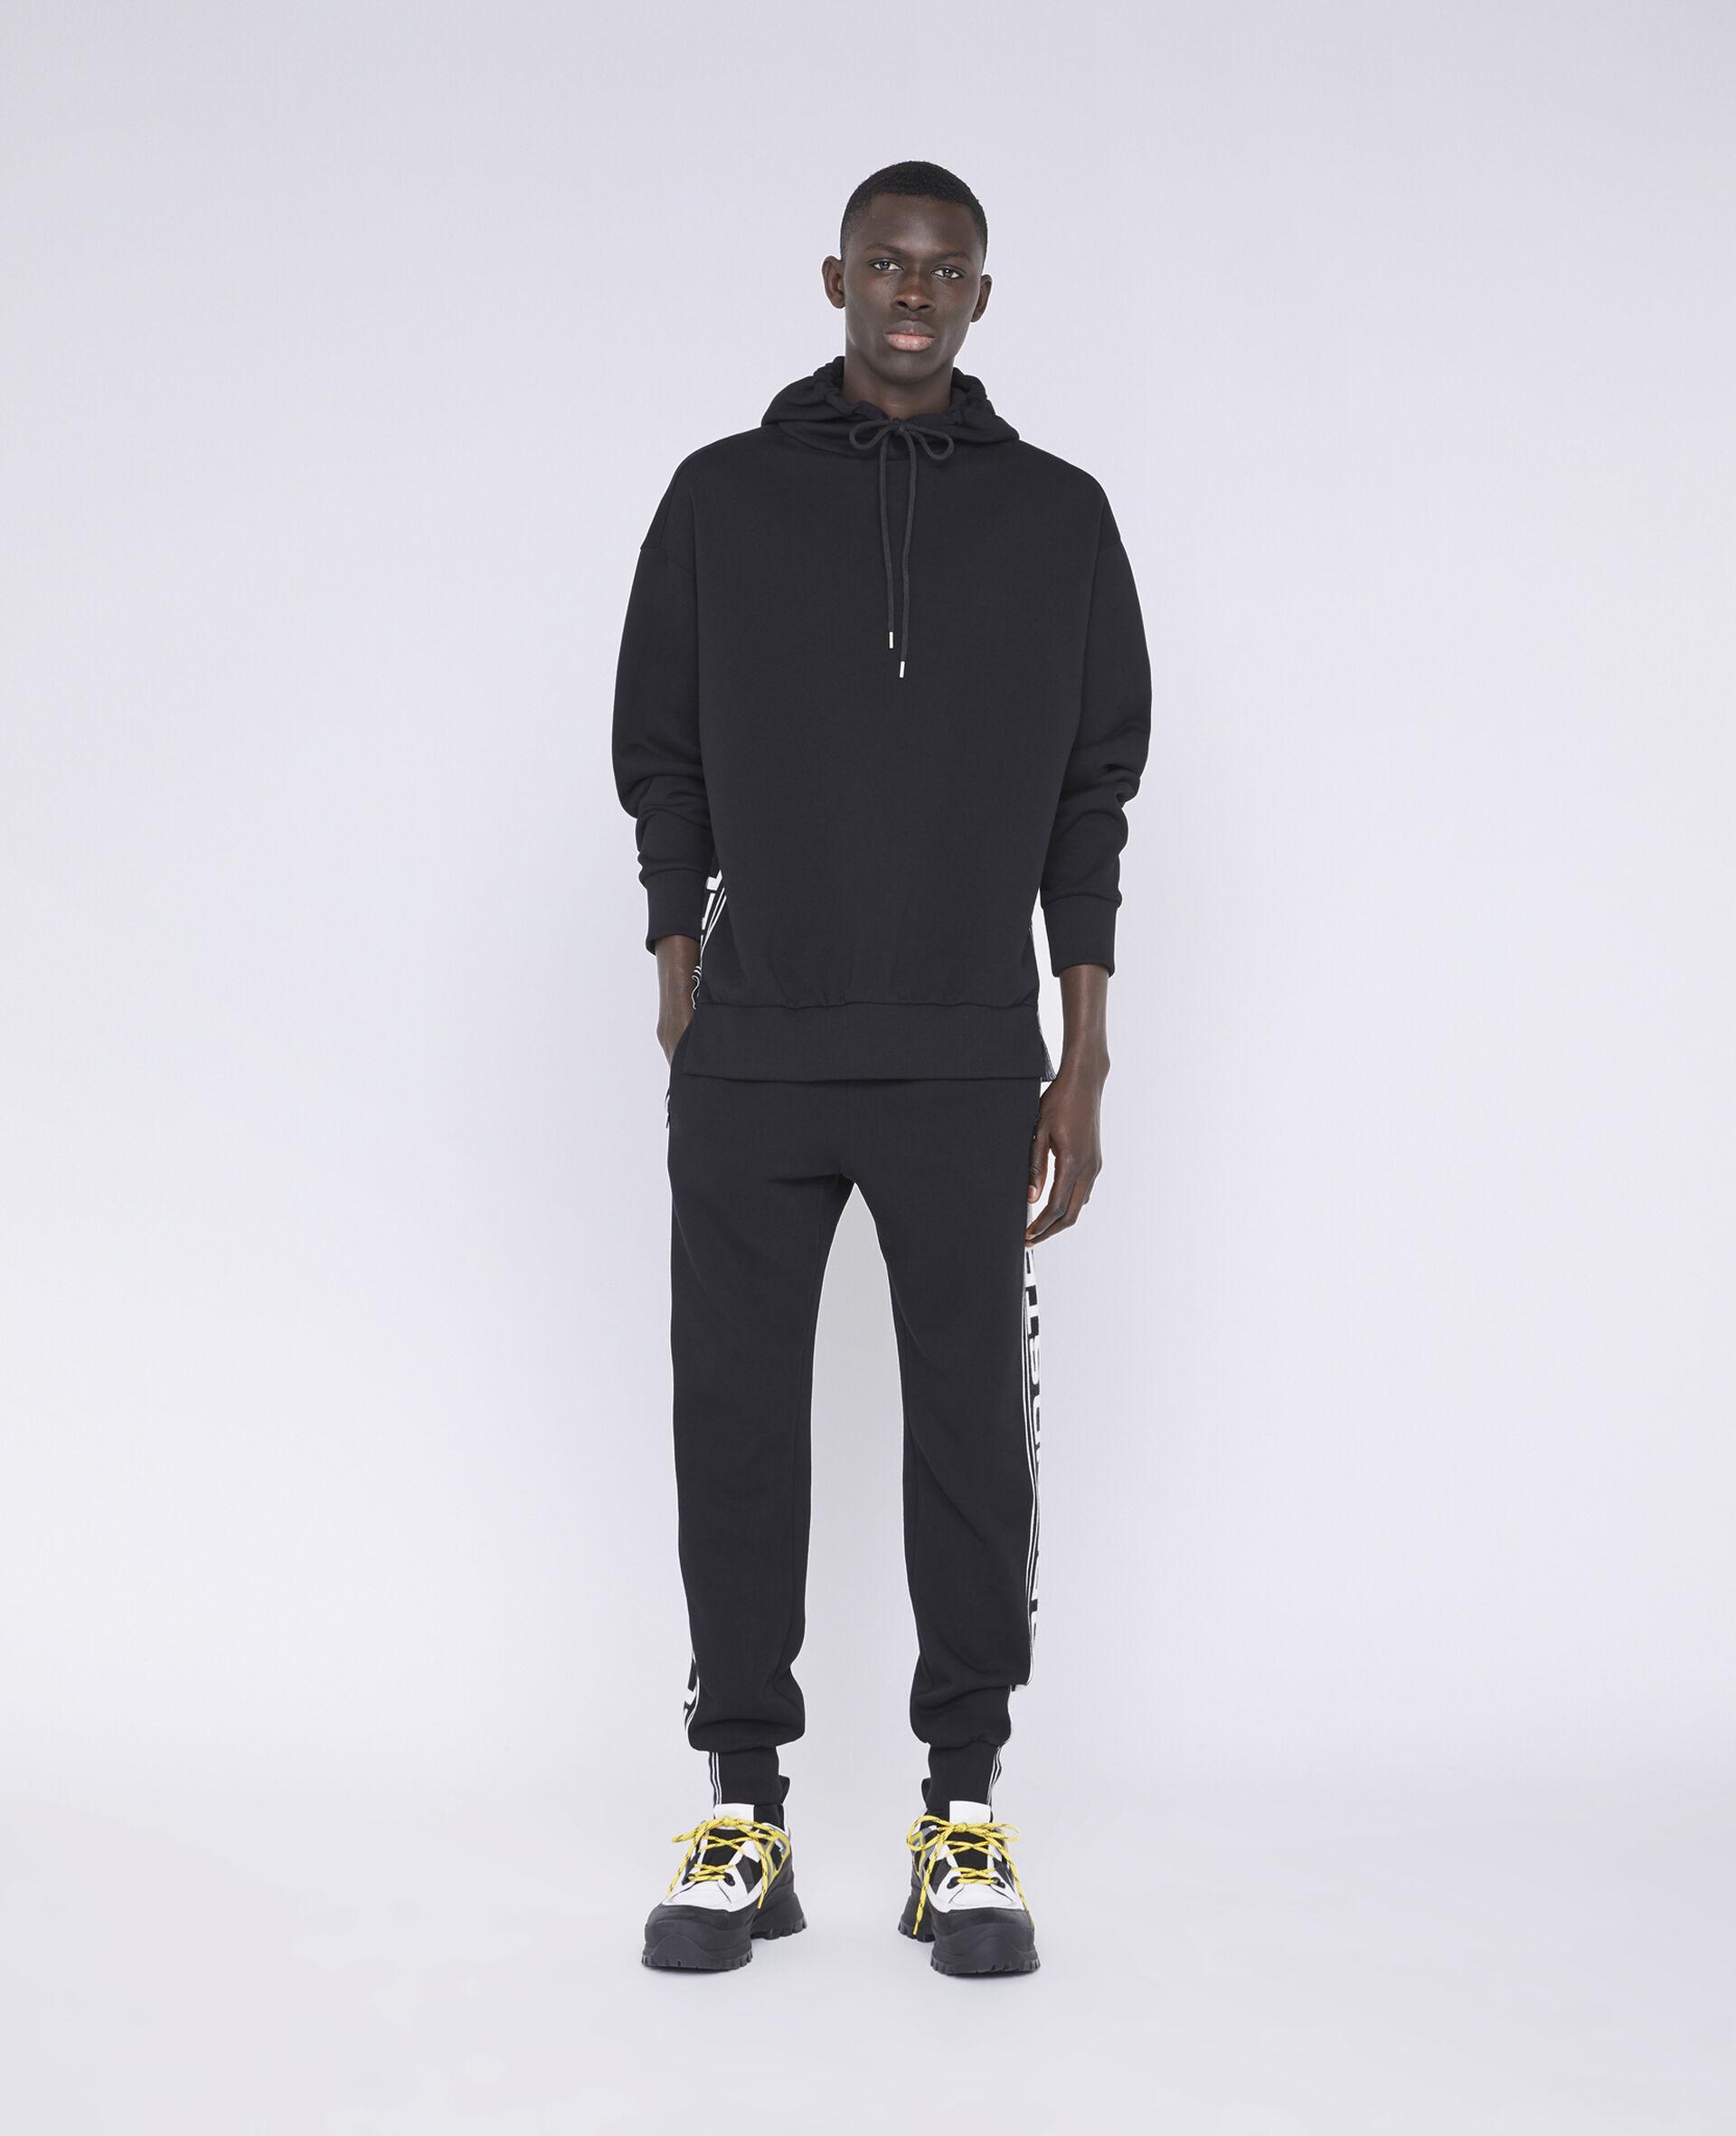 23 OBS 针织裤装-黑色-large image number 1